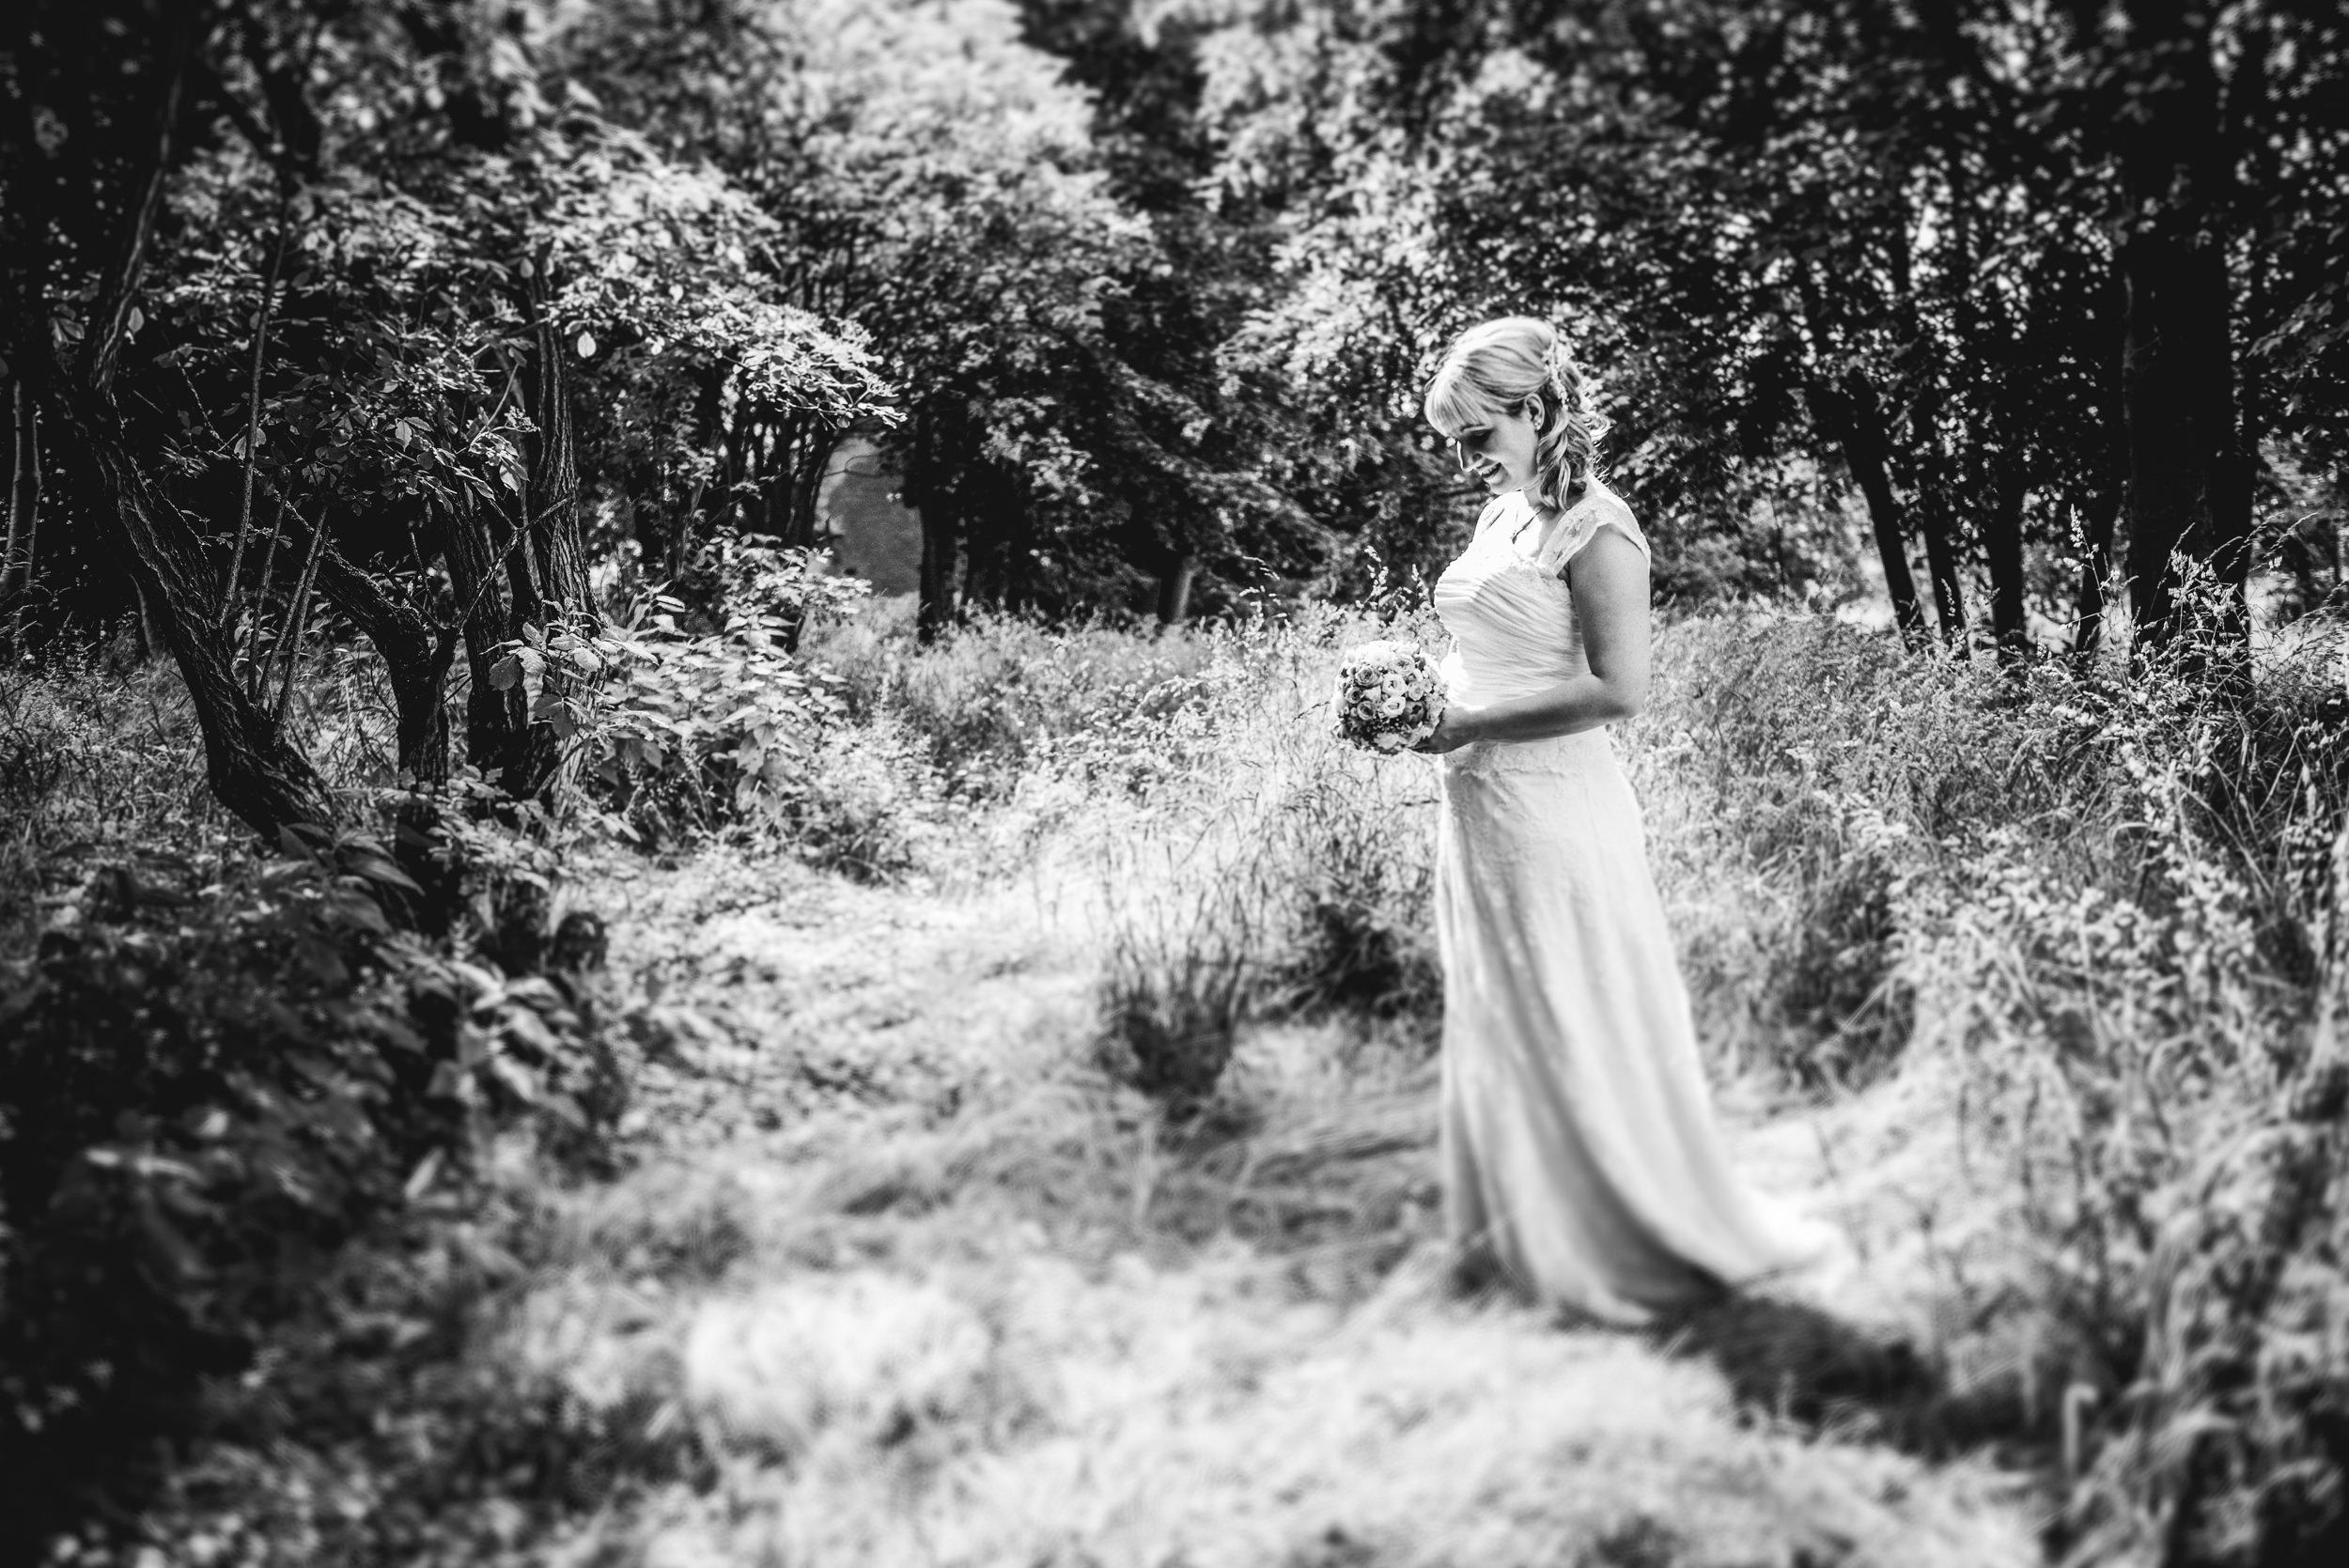 Paul_Glaser_Hochzeitsfotograf-22